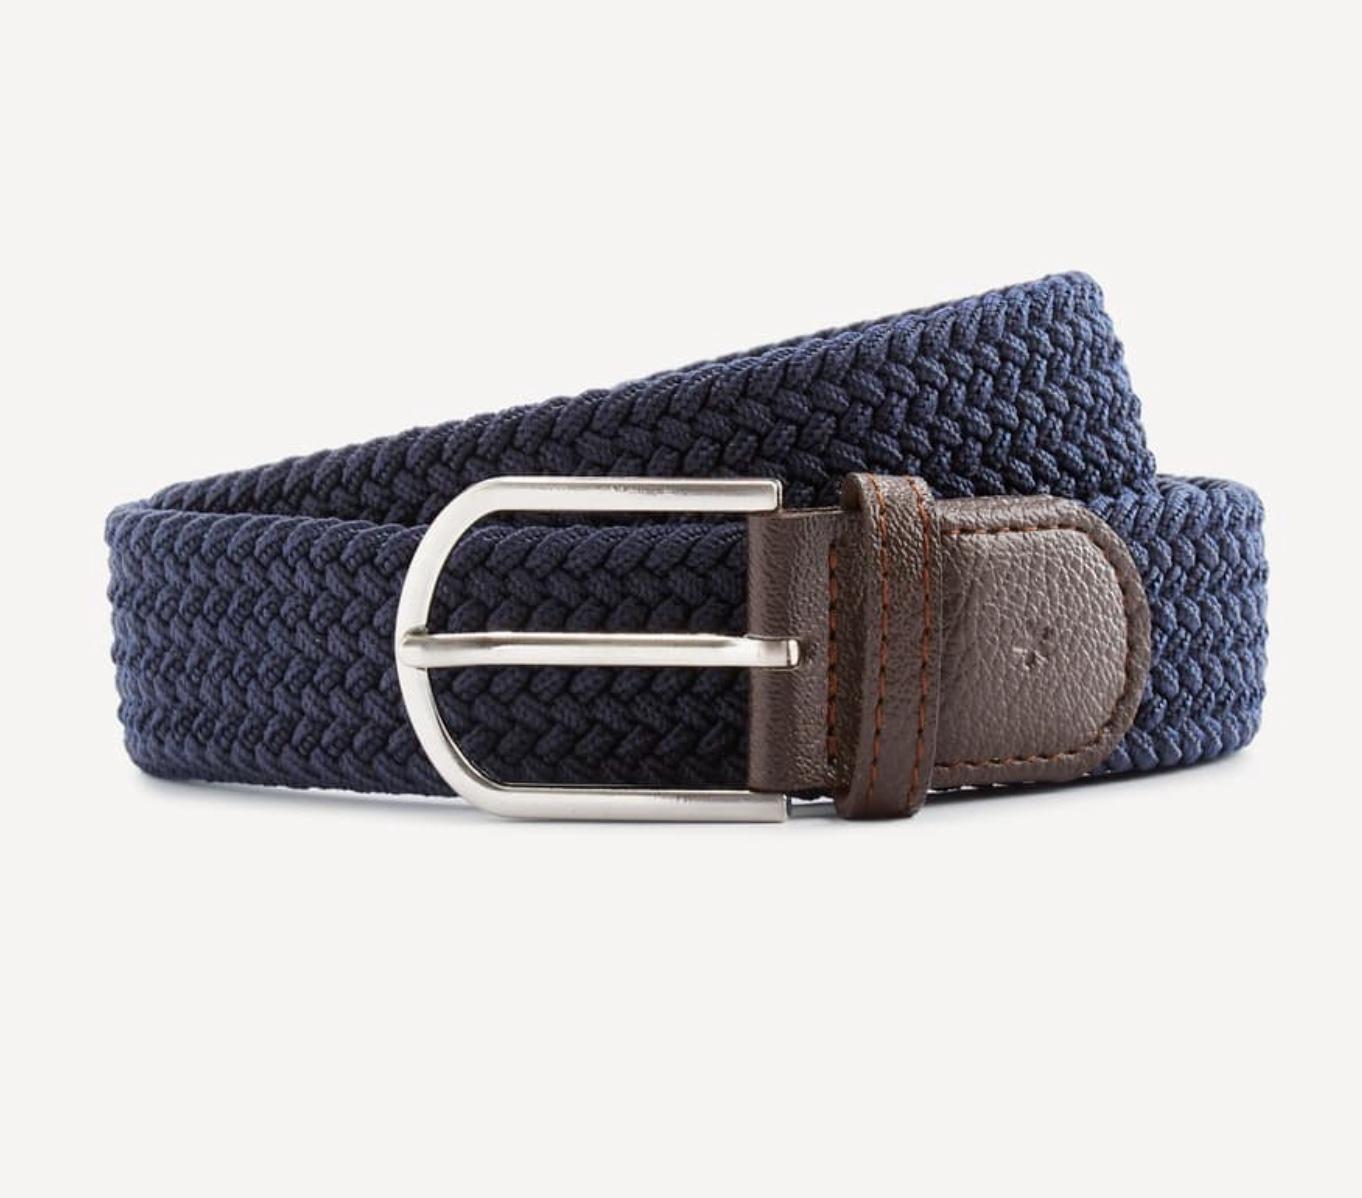 Code promo Celio* : 1 ceinture offerte pour l'achat d'une bas